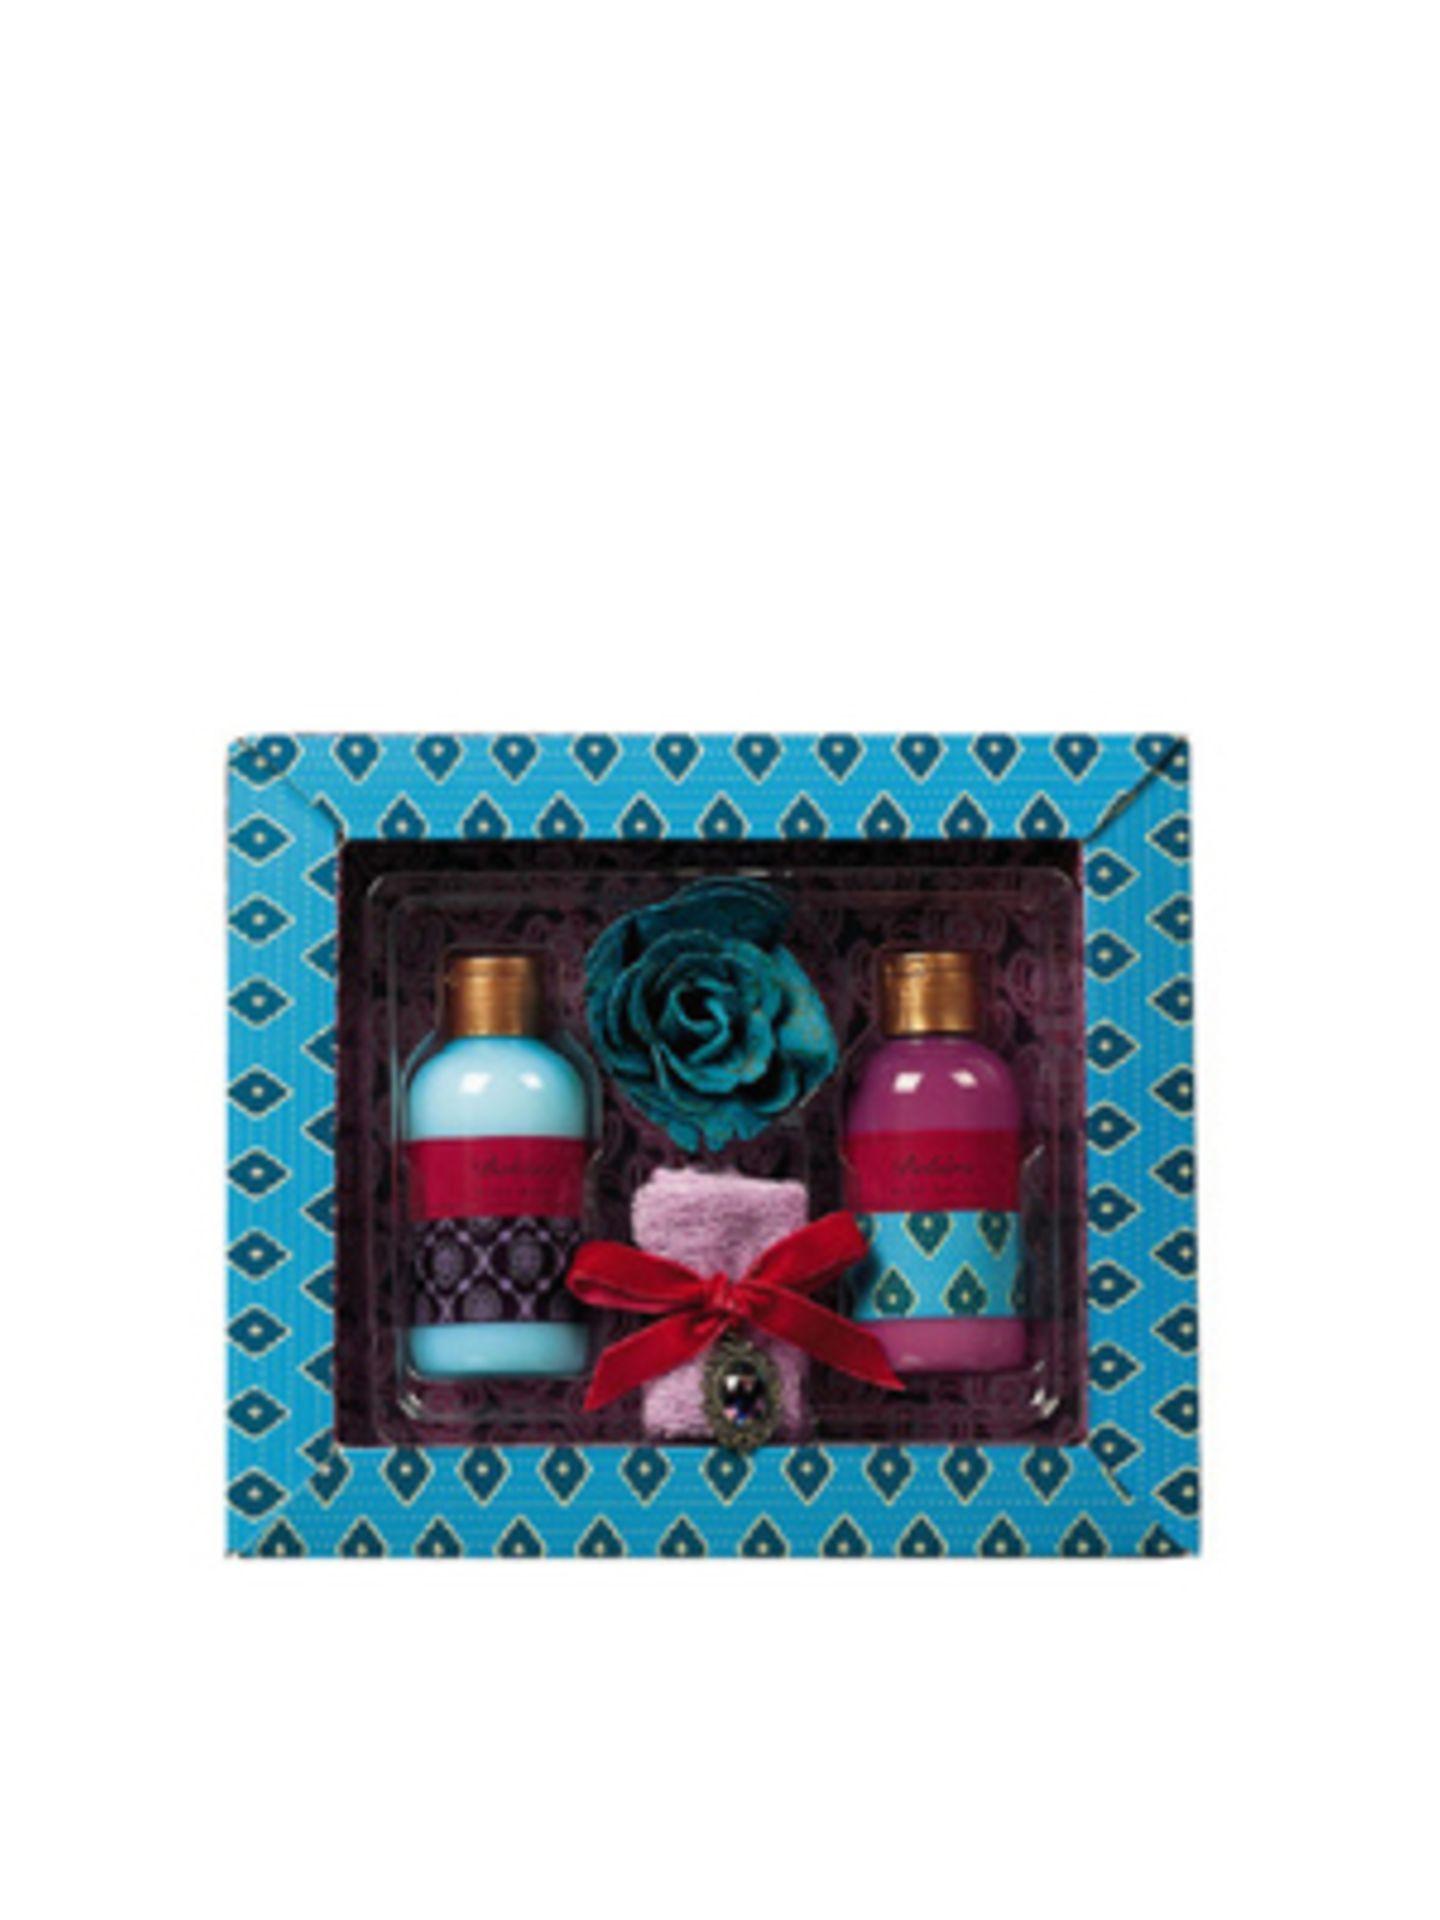 Hübsch verpacktes Wohlfühl-Set bestehend aus Duschgel (150ml) und Body Lotion (150ml) mit orientalisch-blumigem Duft, Badekonfettirose und einem kleinen Handtuch von Gypsy Salon. Um 17 Euro, über Douglas.